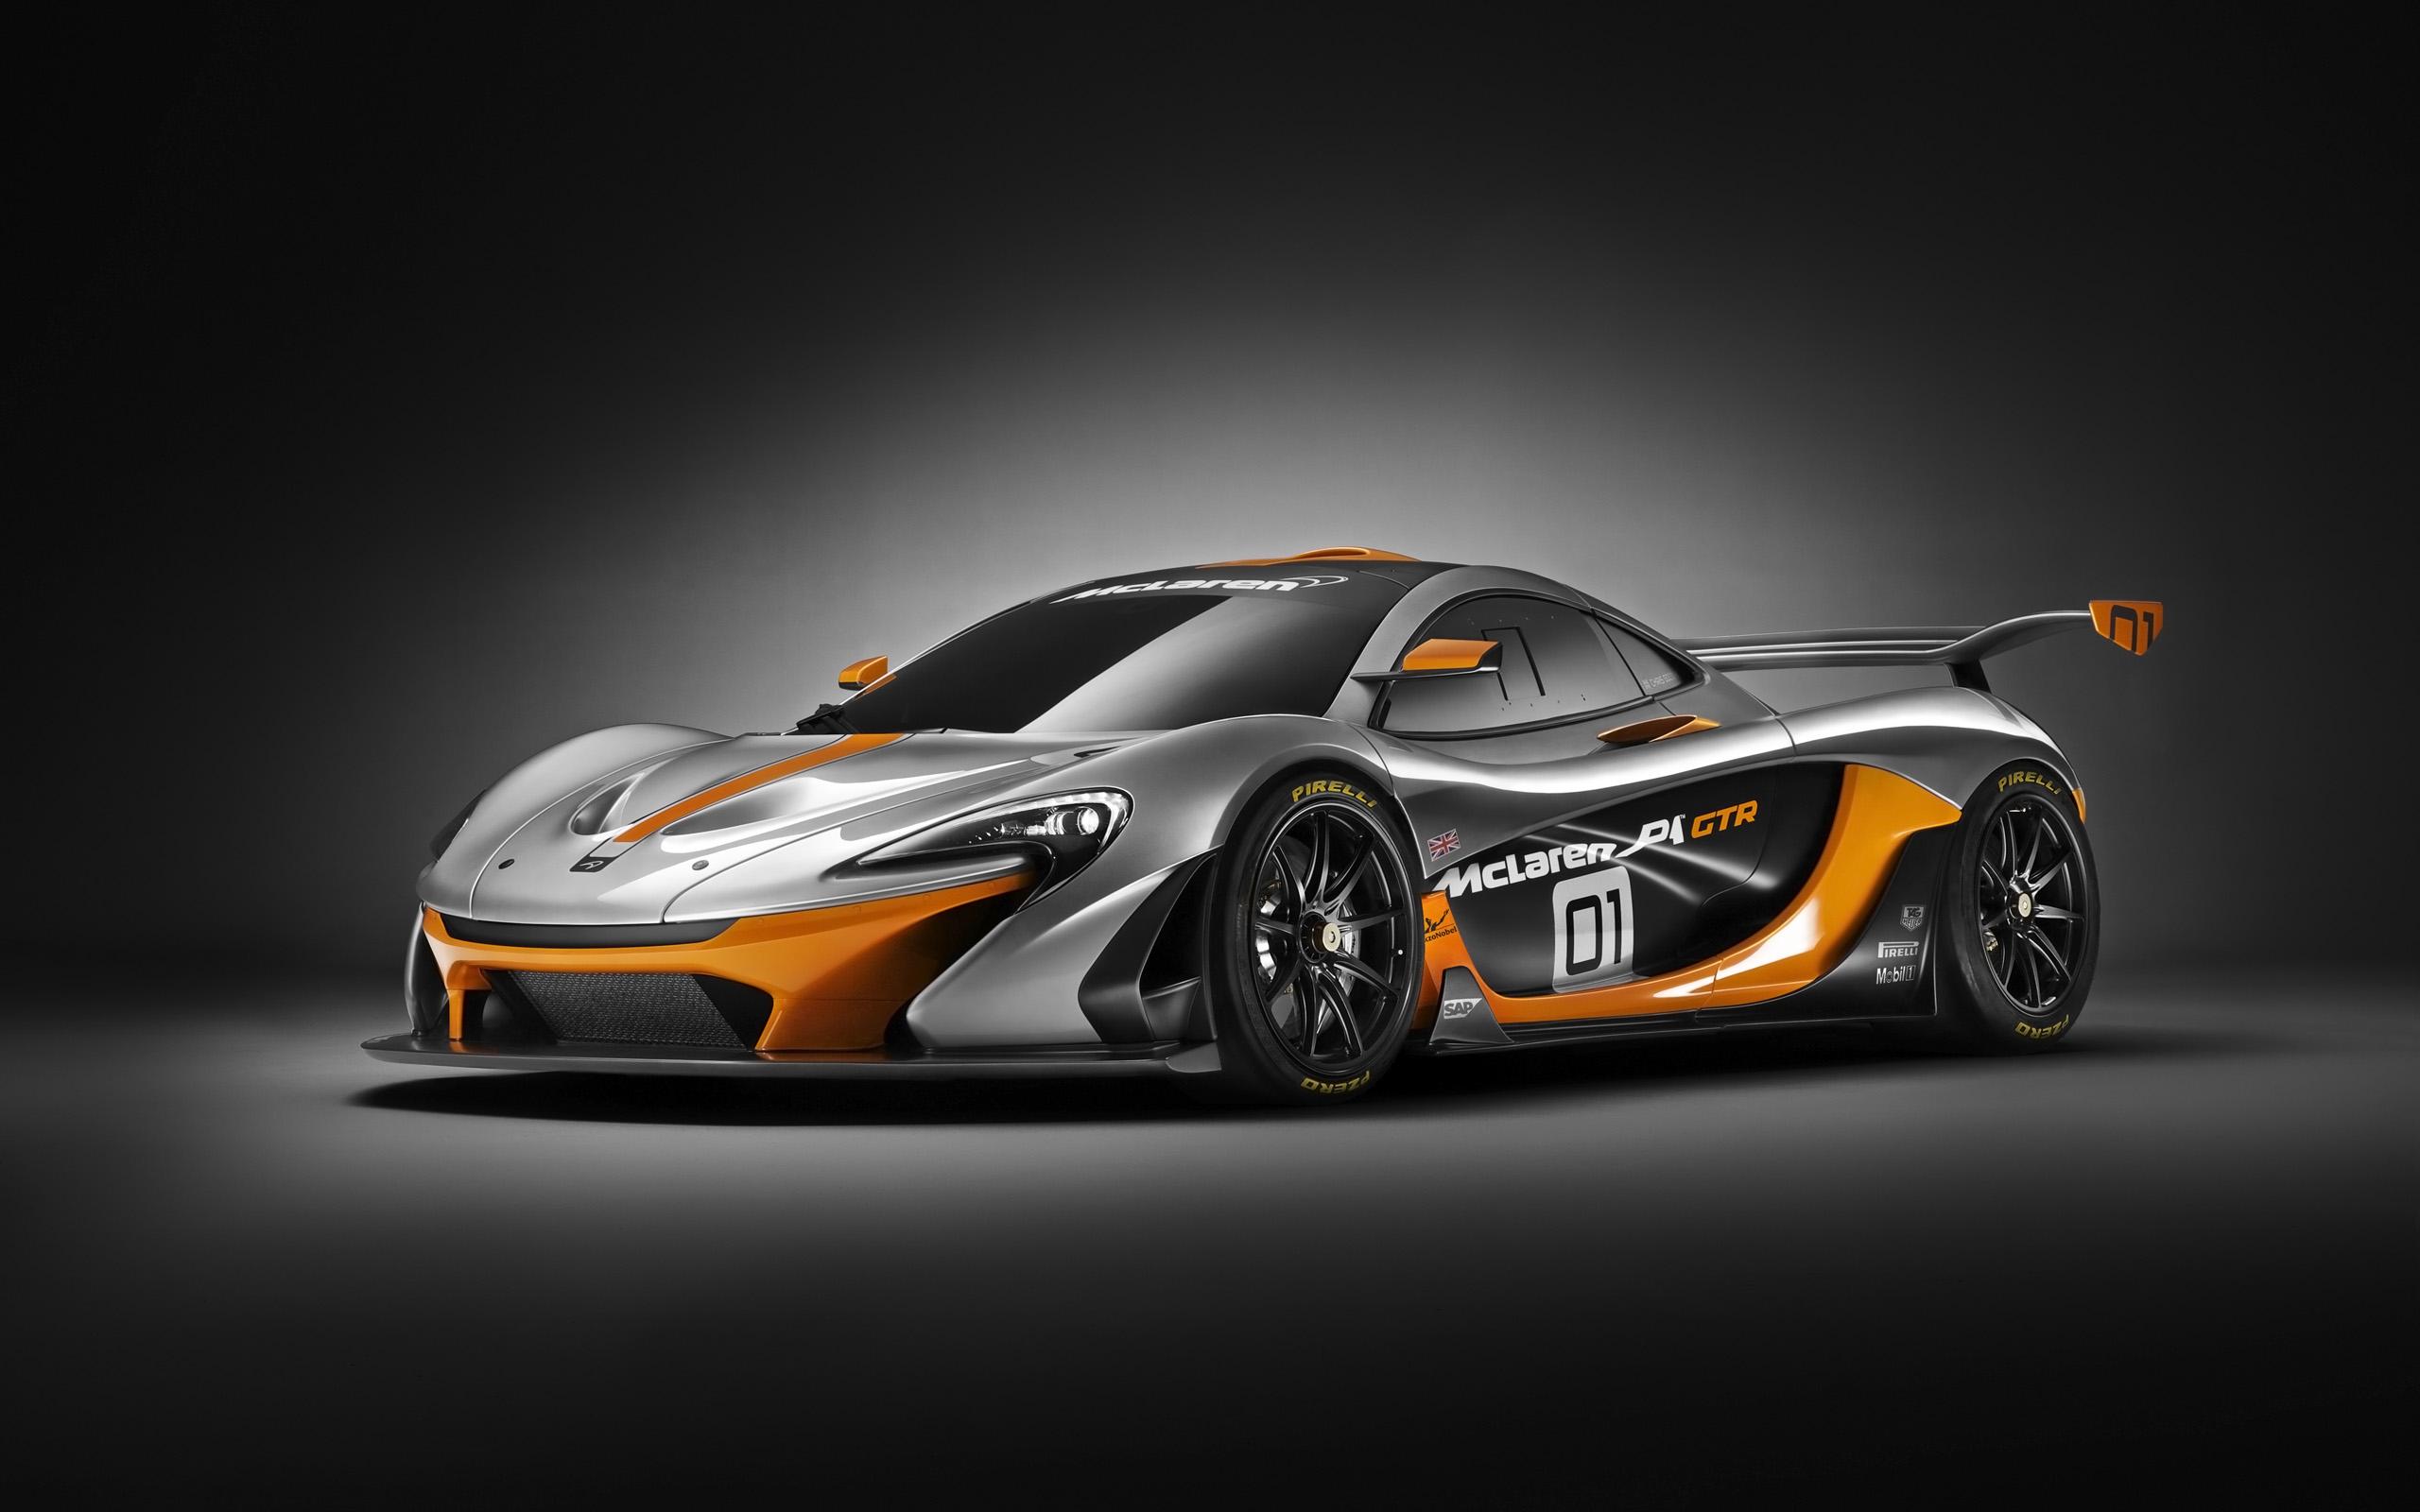 2014 McLaren P1 GTR Concept Wallpapers HD Wallpapers 2560x1600